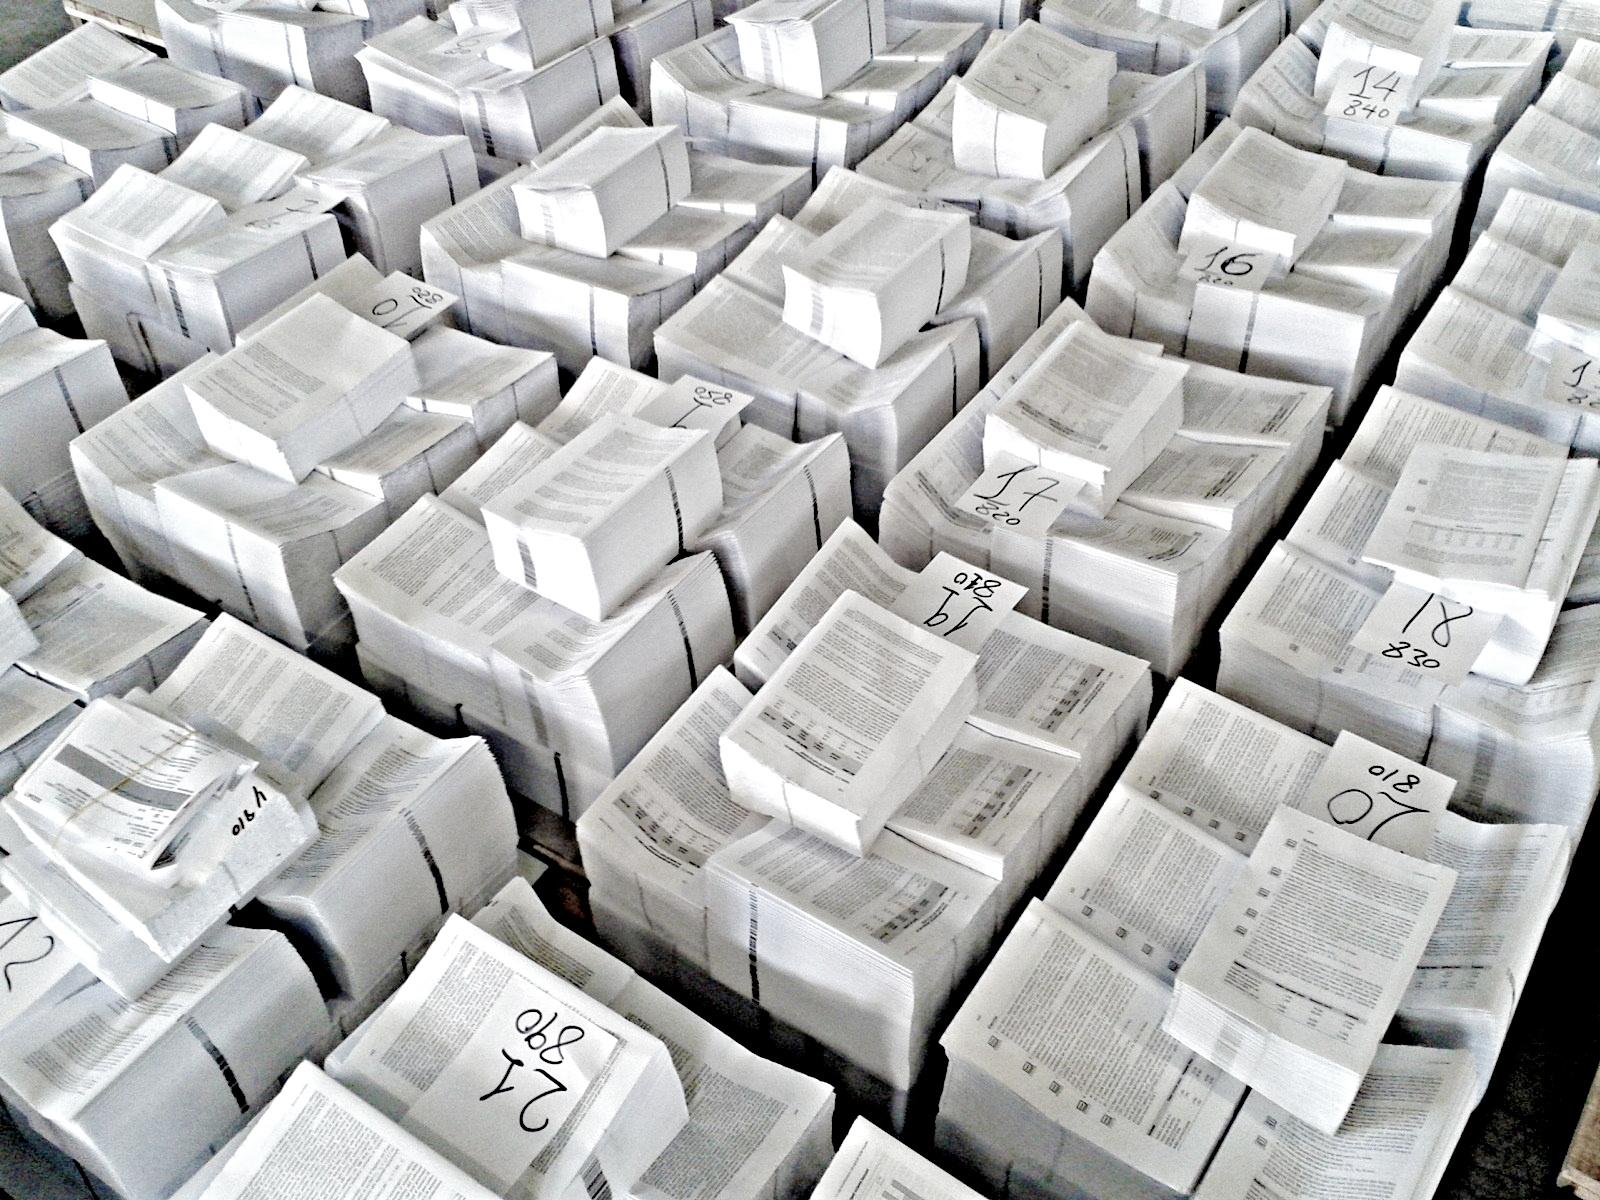 Come stampare migliaia di pagine di qualità a prezzi convenienti